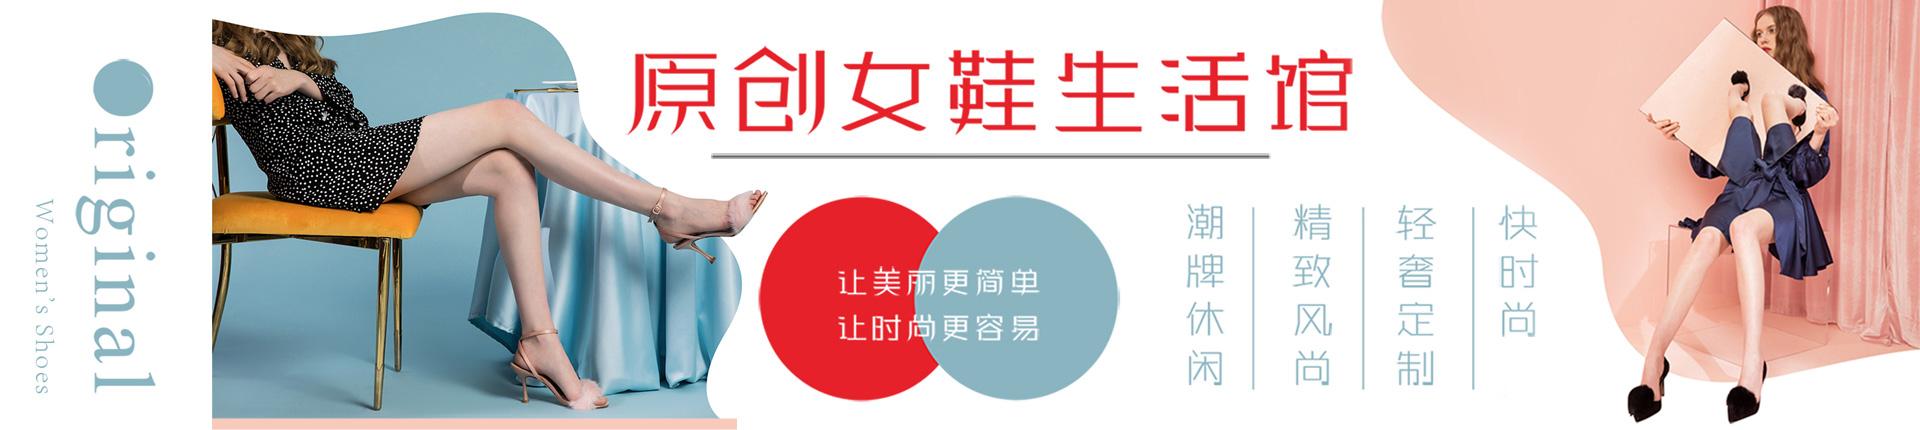 EM易美時尚品牌連鎖官方網站